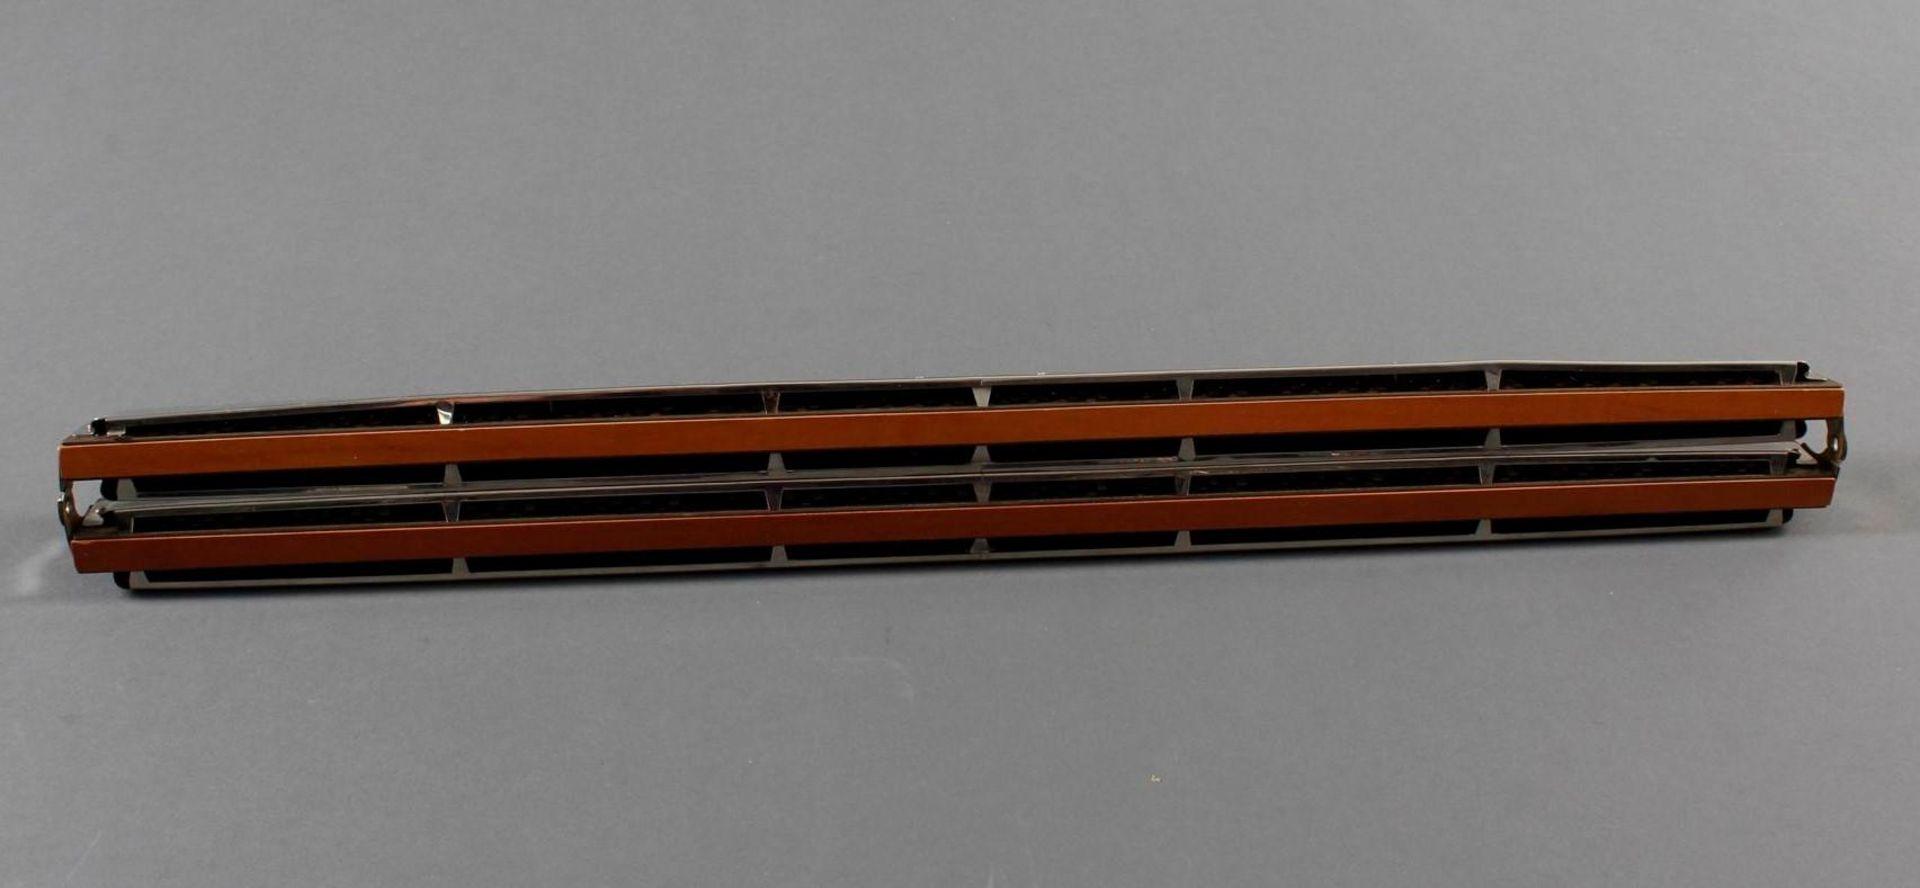 Hohner Akkord Mundharmonika - Bild 3 aus 4